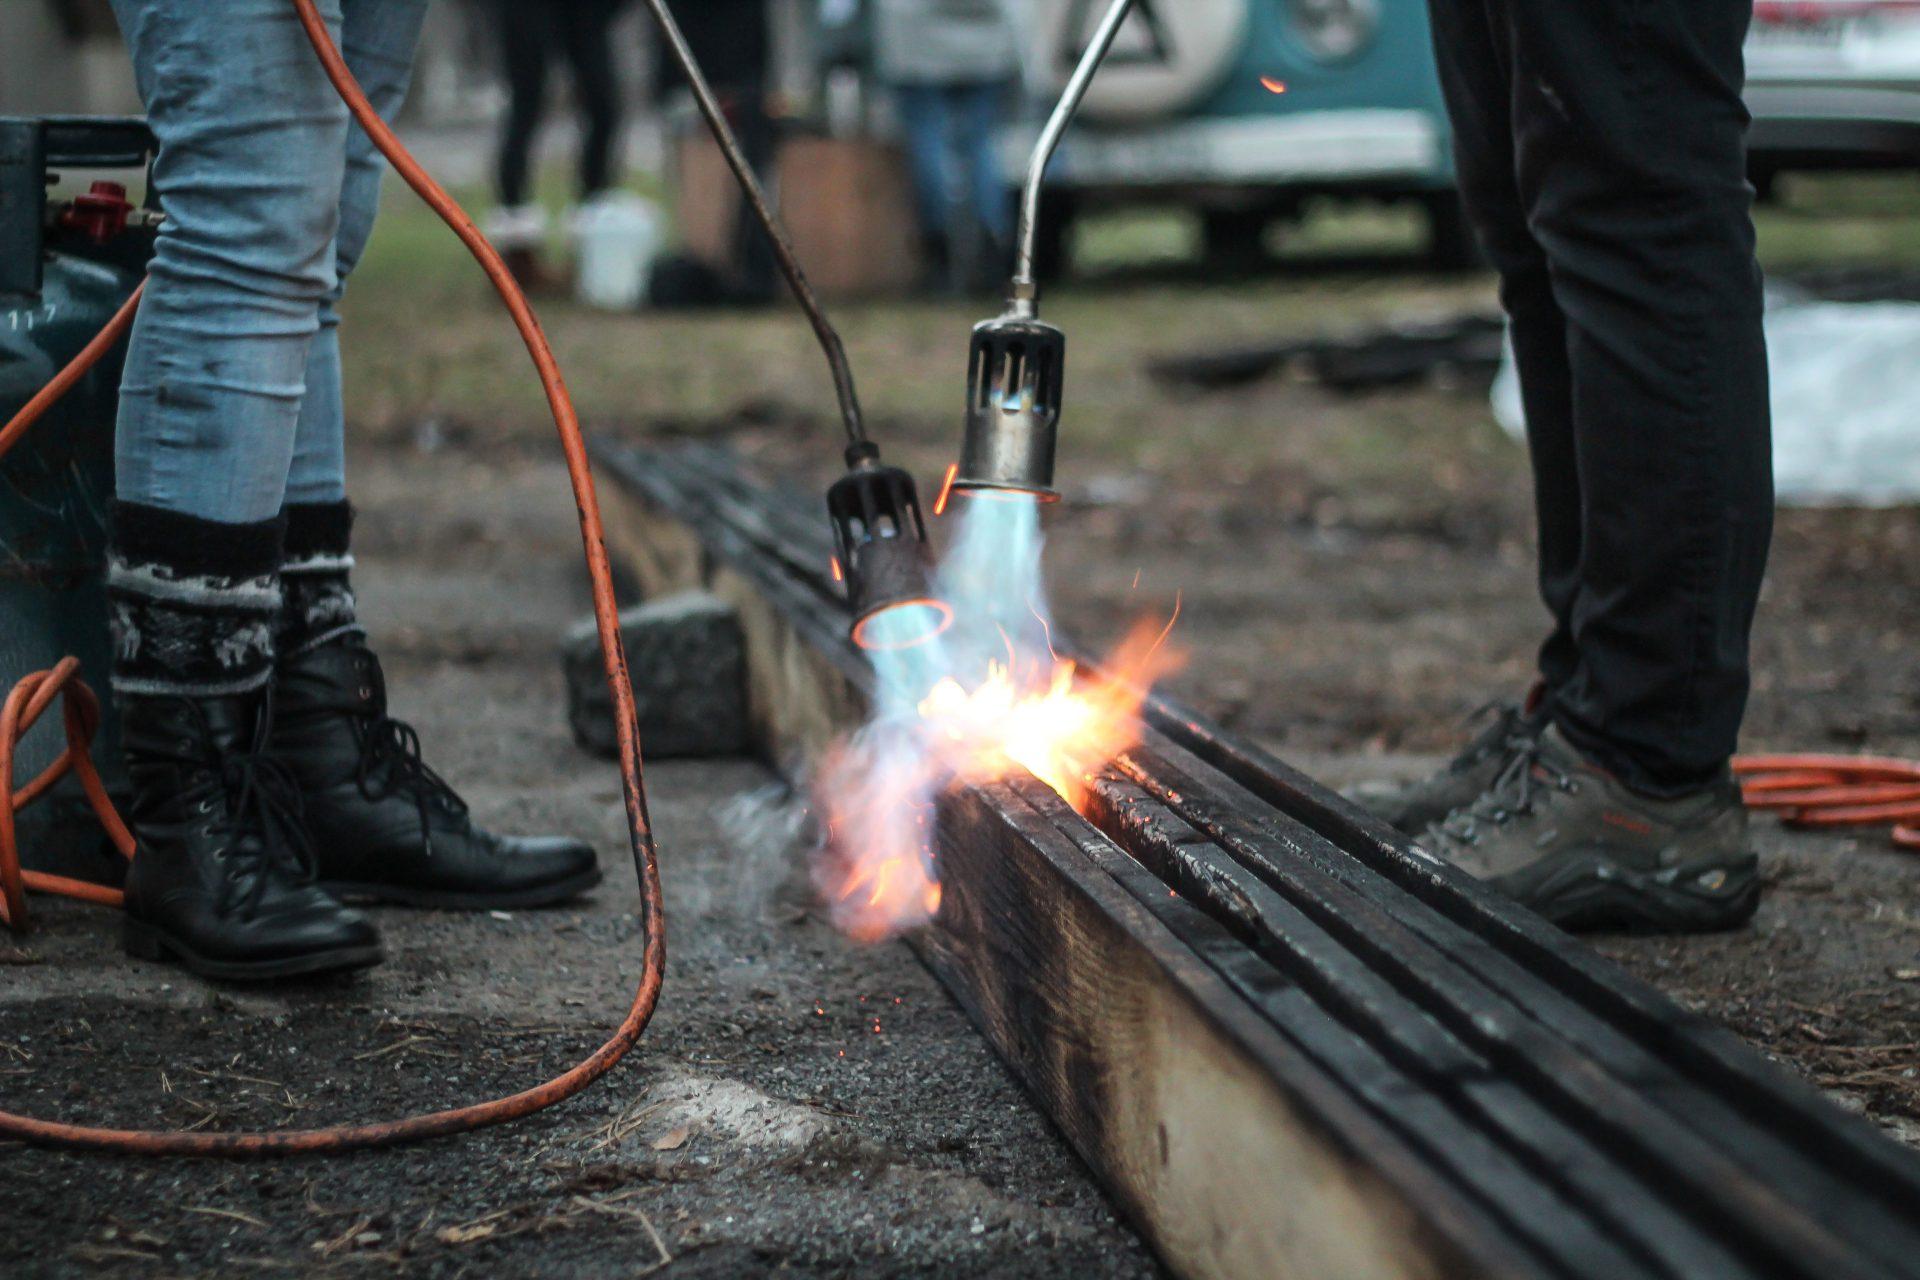 opalovanie-dreva-nohy-ohen-dosky-uprava-povrchu